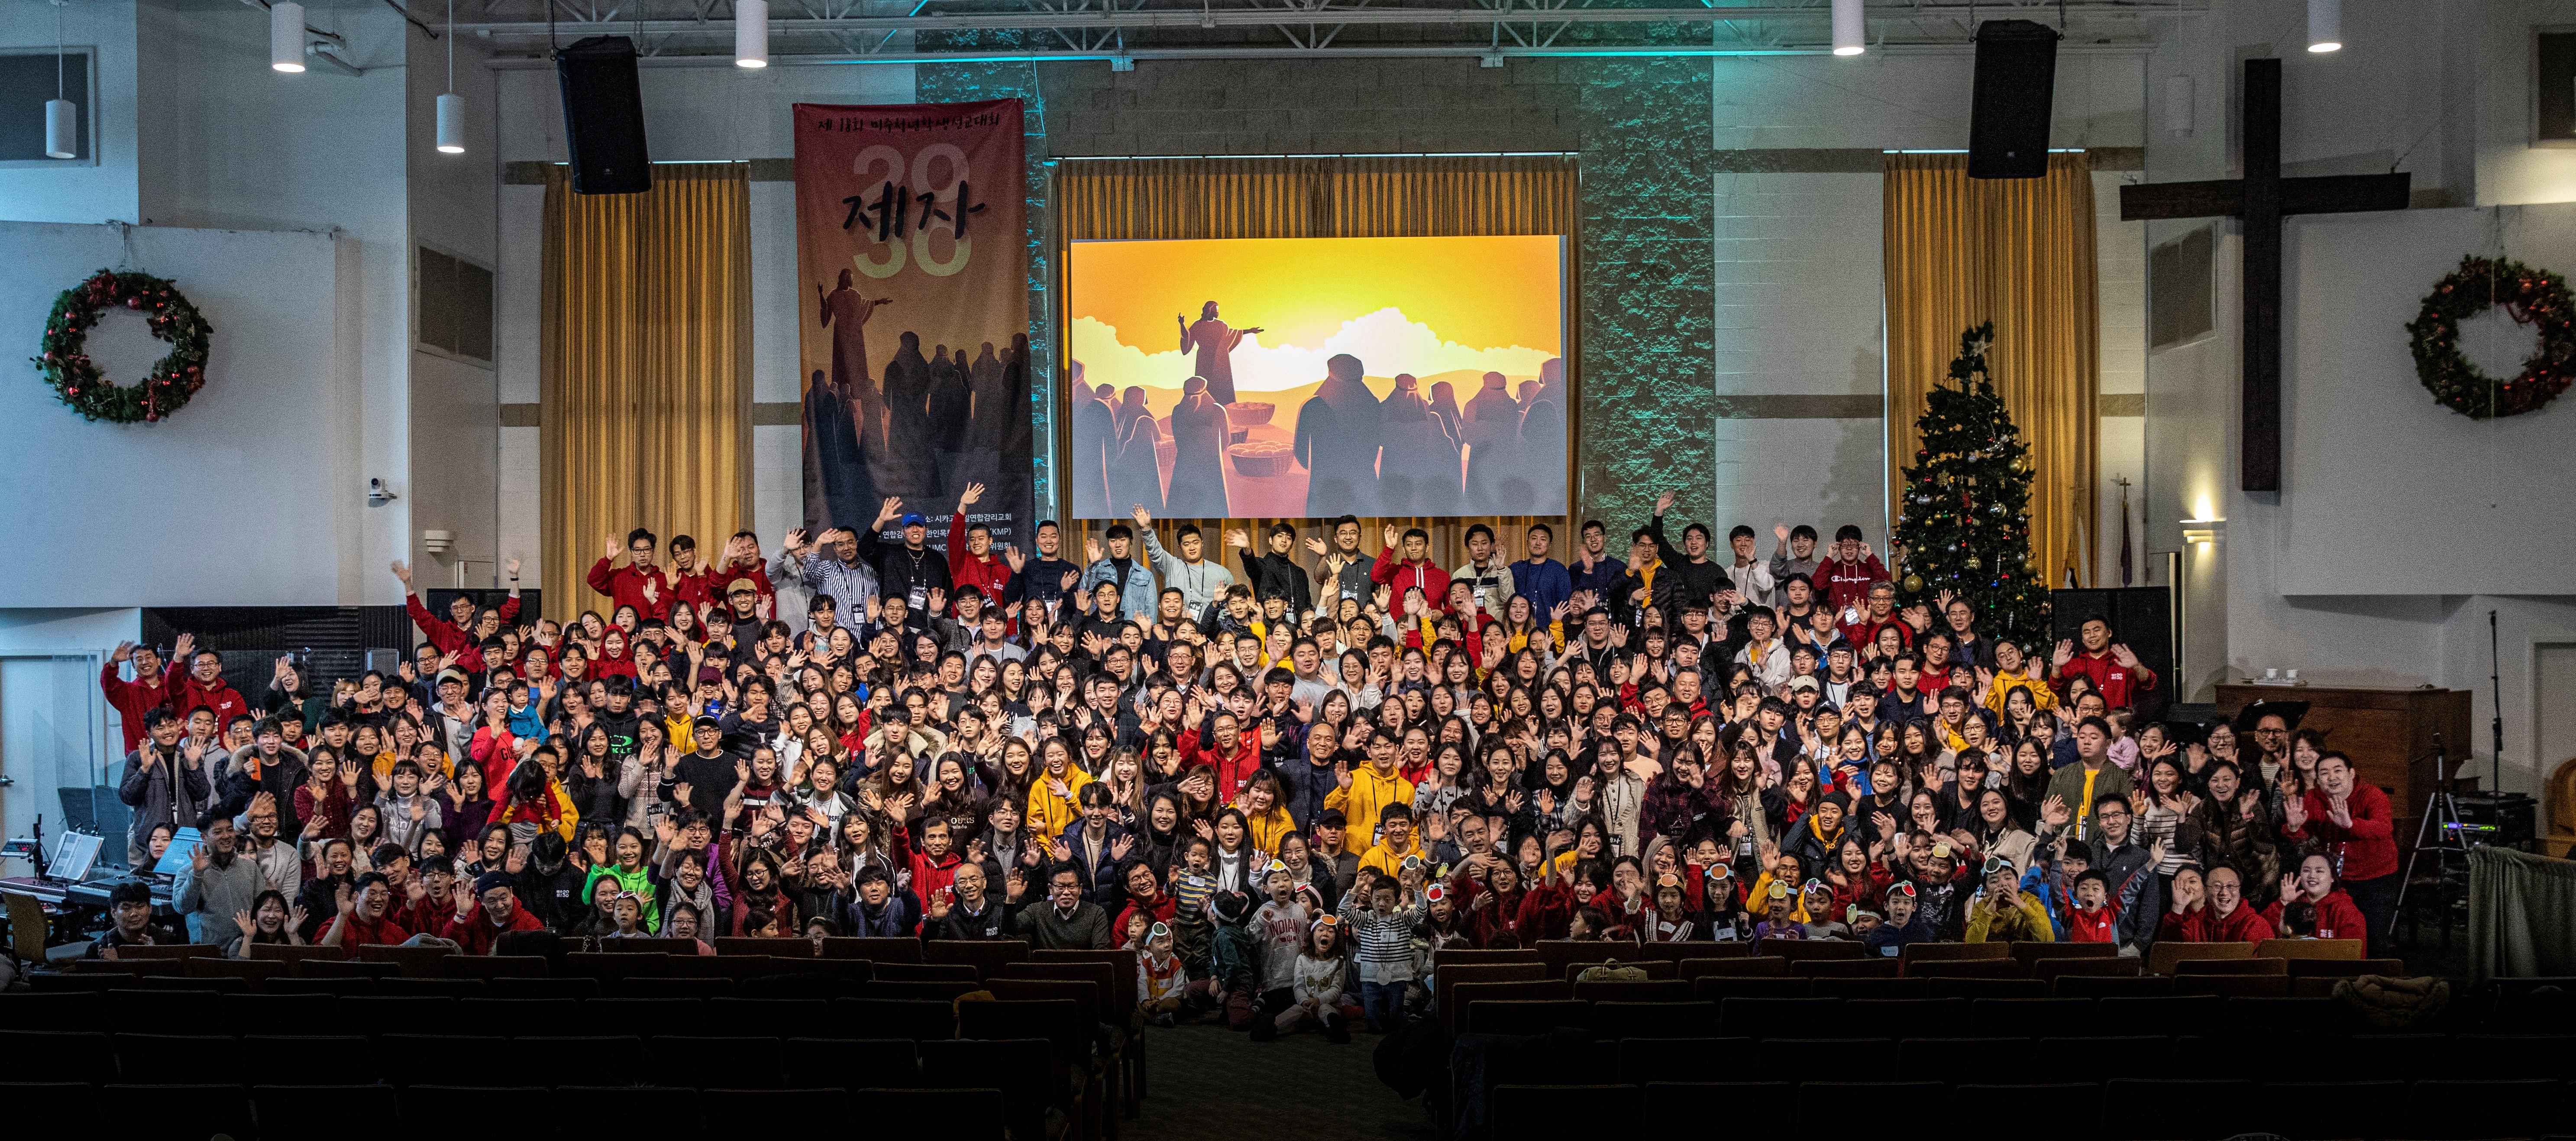 지난해 11월 27-30일 시카고에서 열린 2030컨퍼런스의 참가자들 모습. 사진 제공 한명훈 목사, 2030 컨퍼런스.